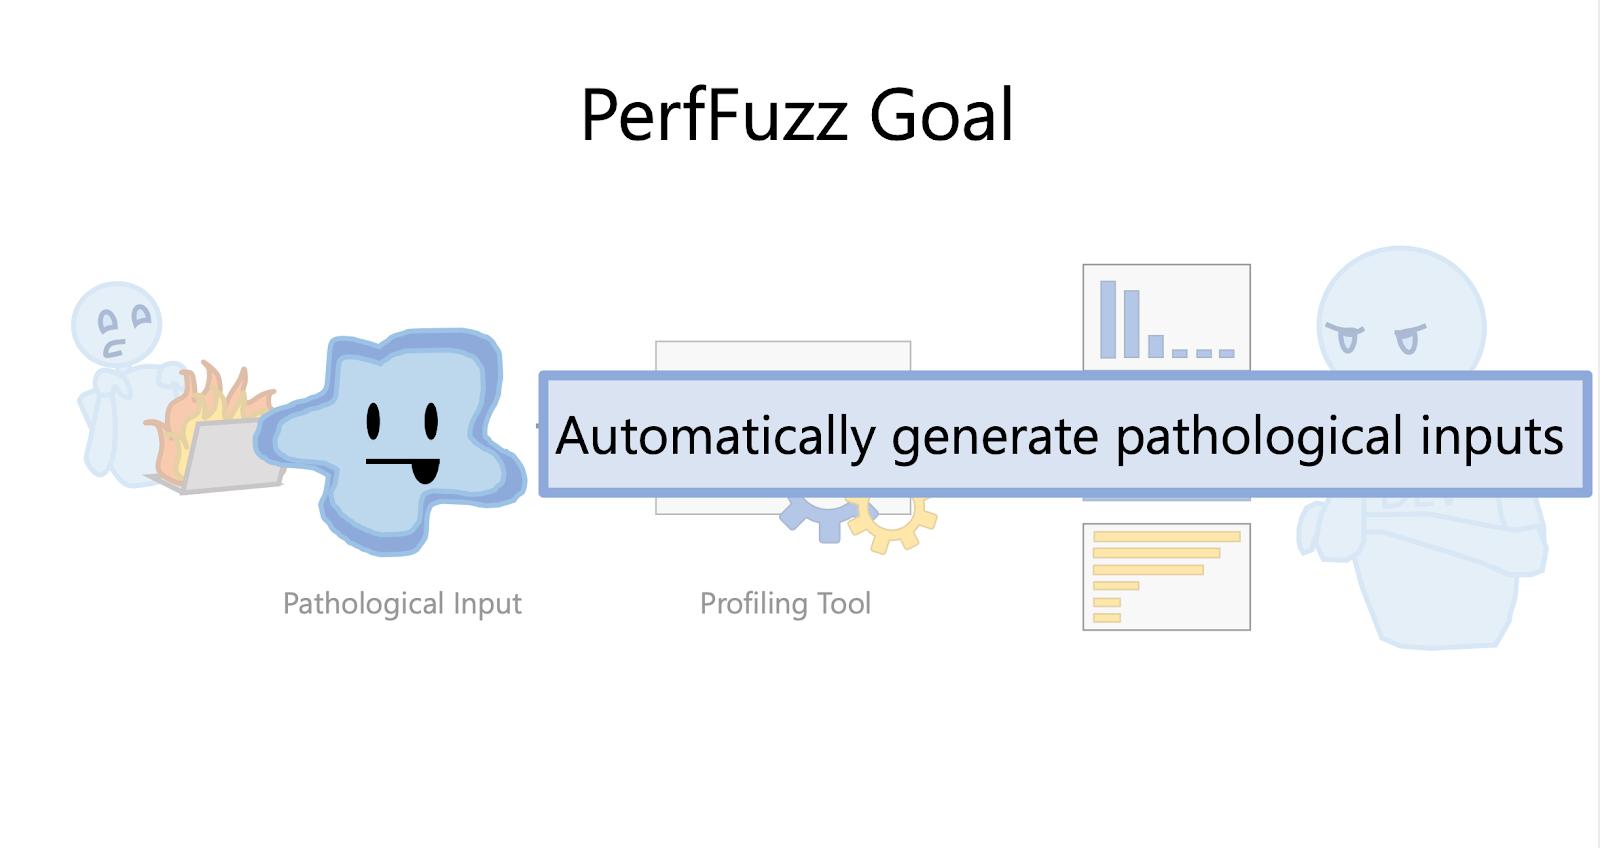 PerfFuzz Goal